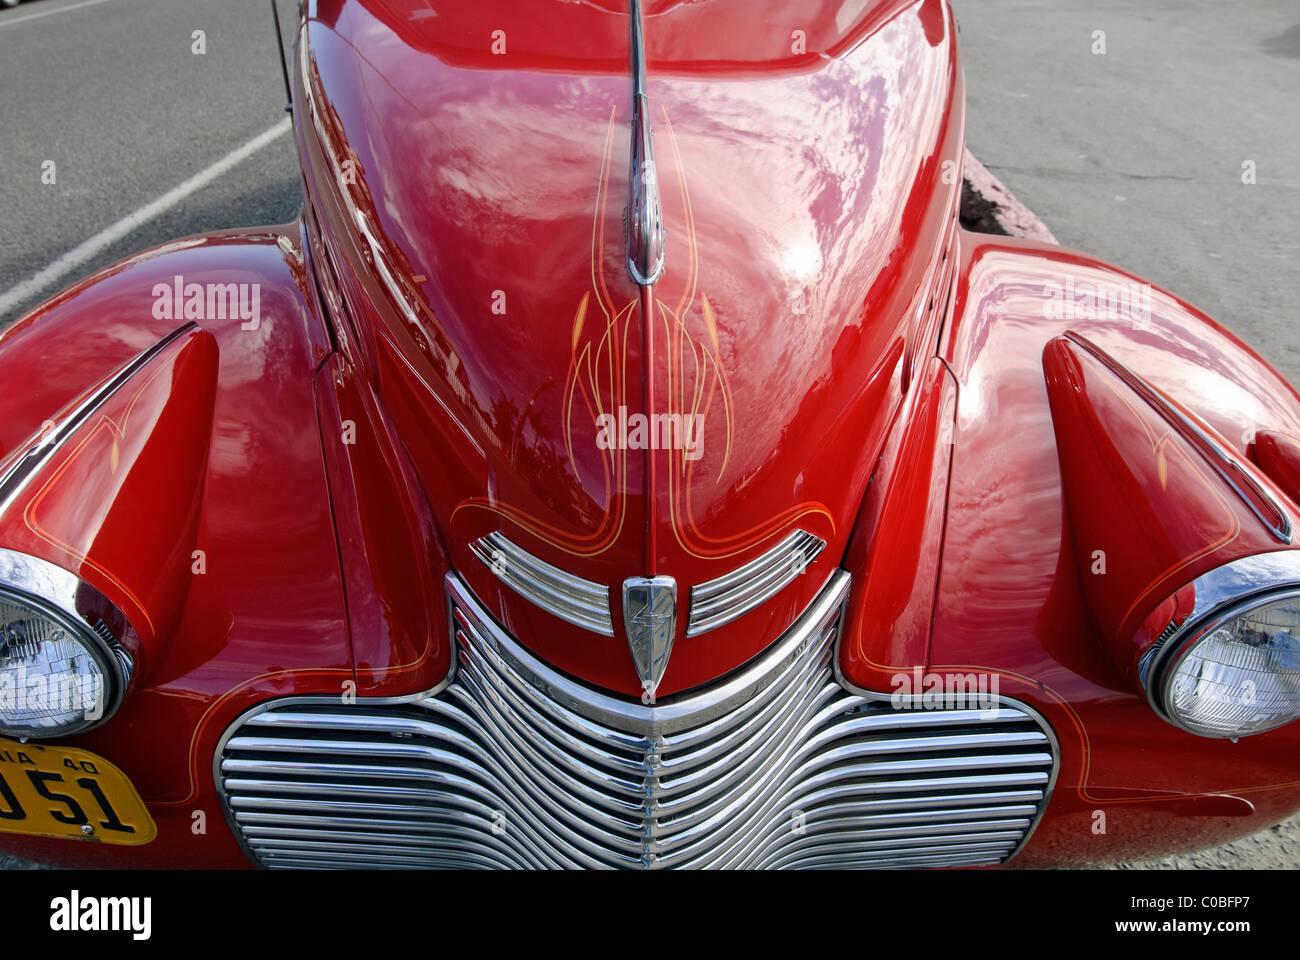 Leuchtend rote Chevrolet Master Deluxe Oldtimer. Stockbild